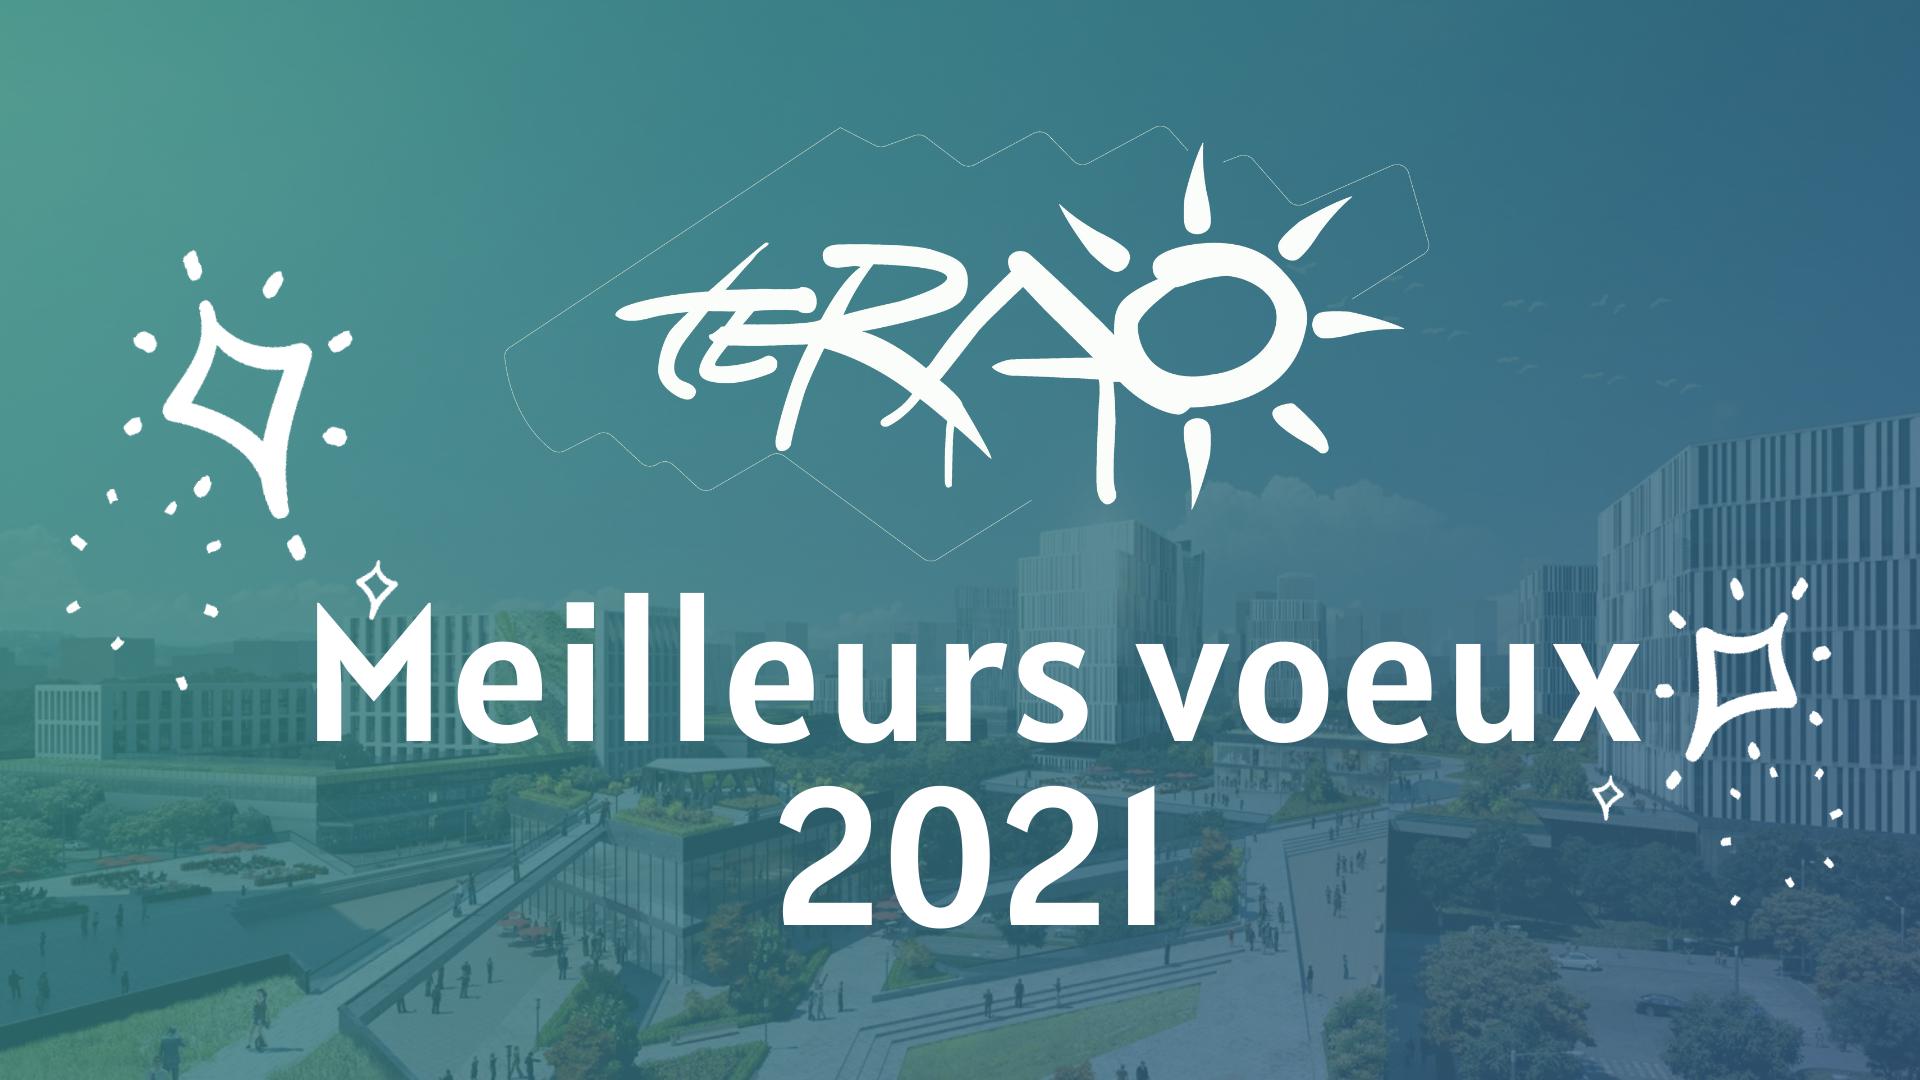 TERAO vous souhaite ses meilleurs voeux 2021